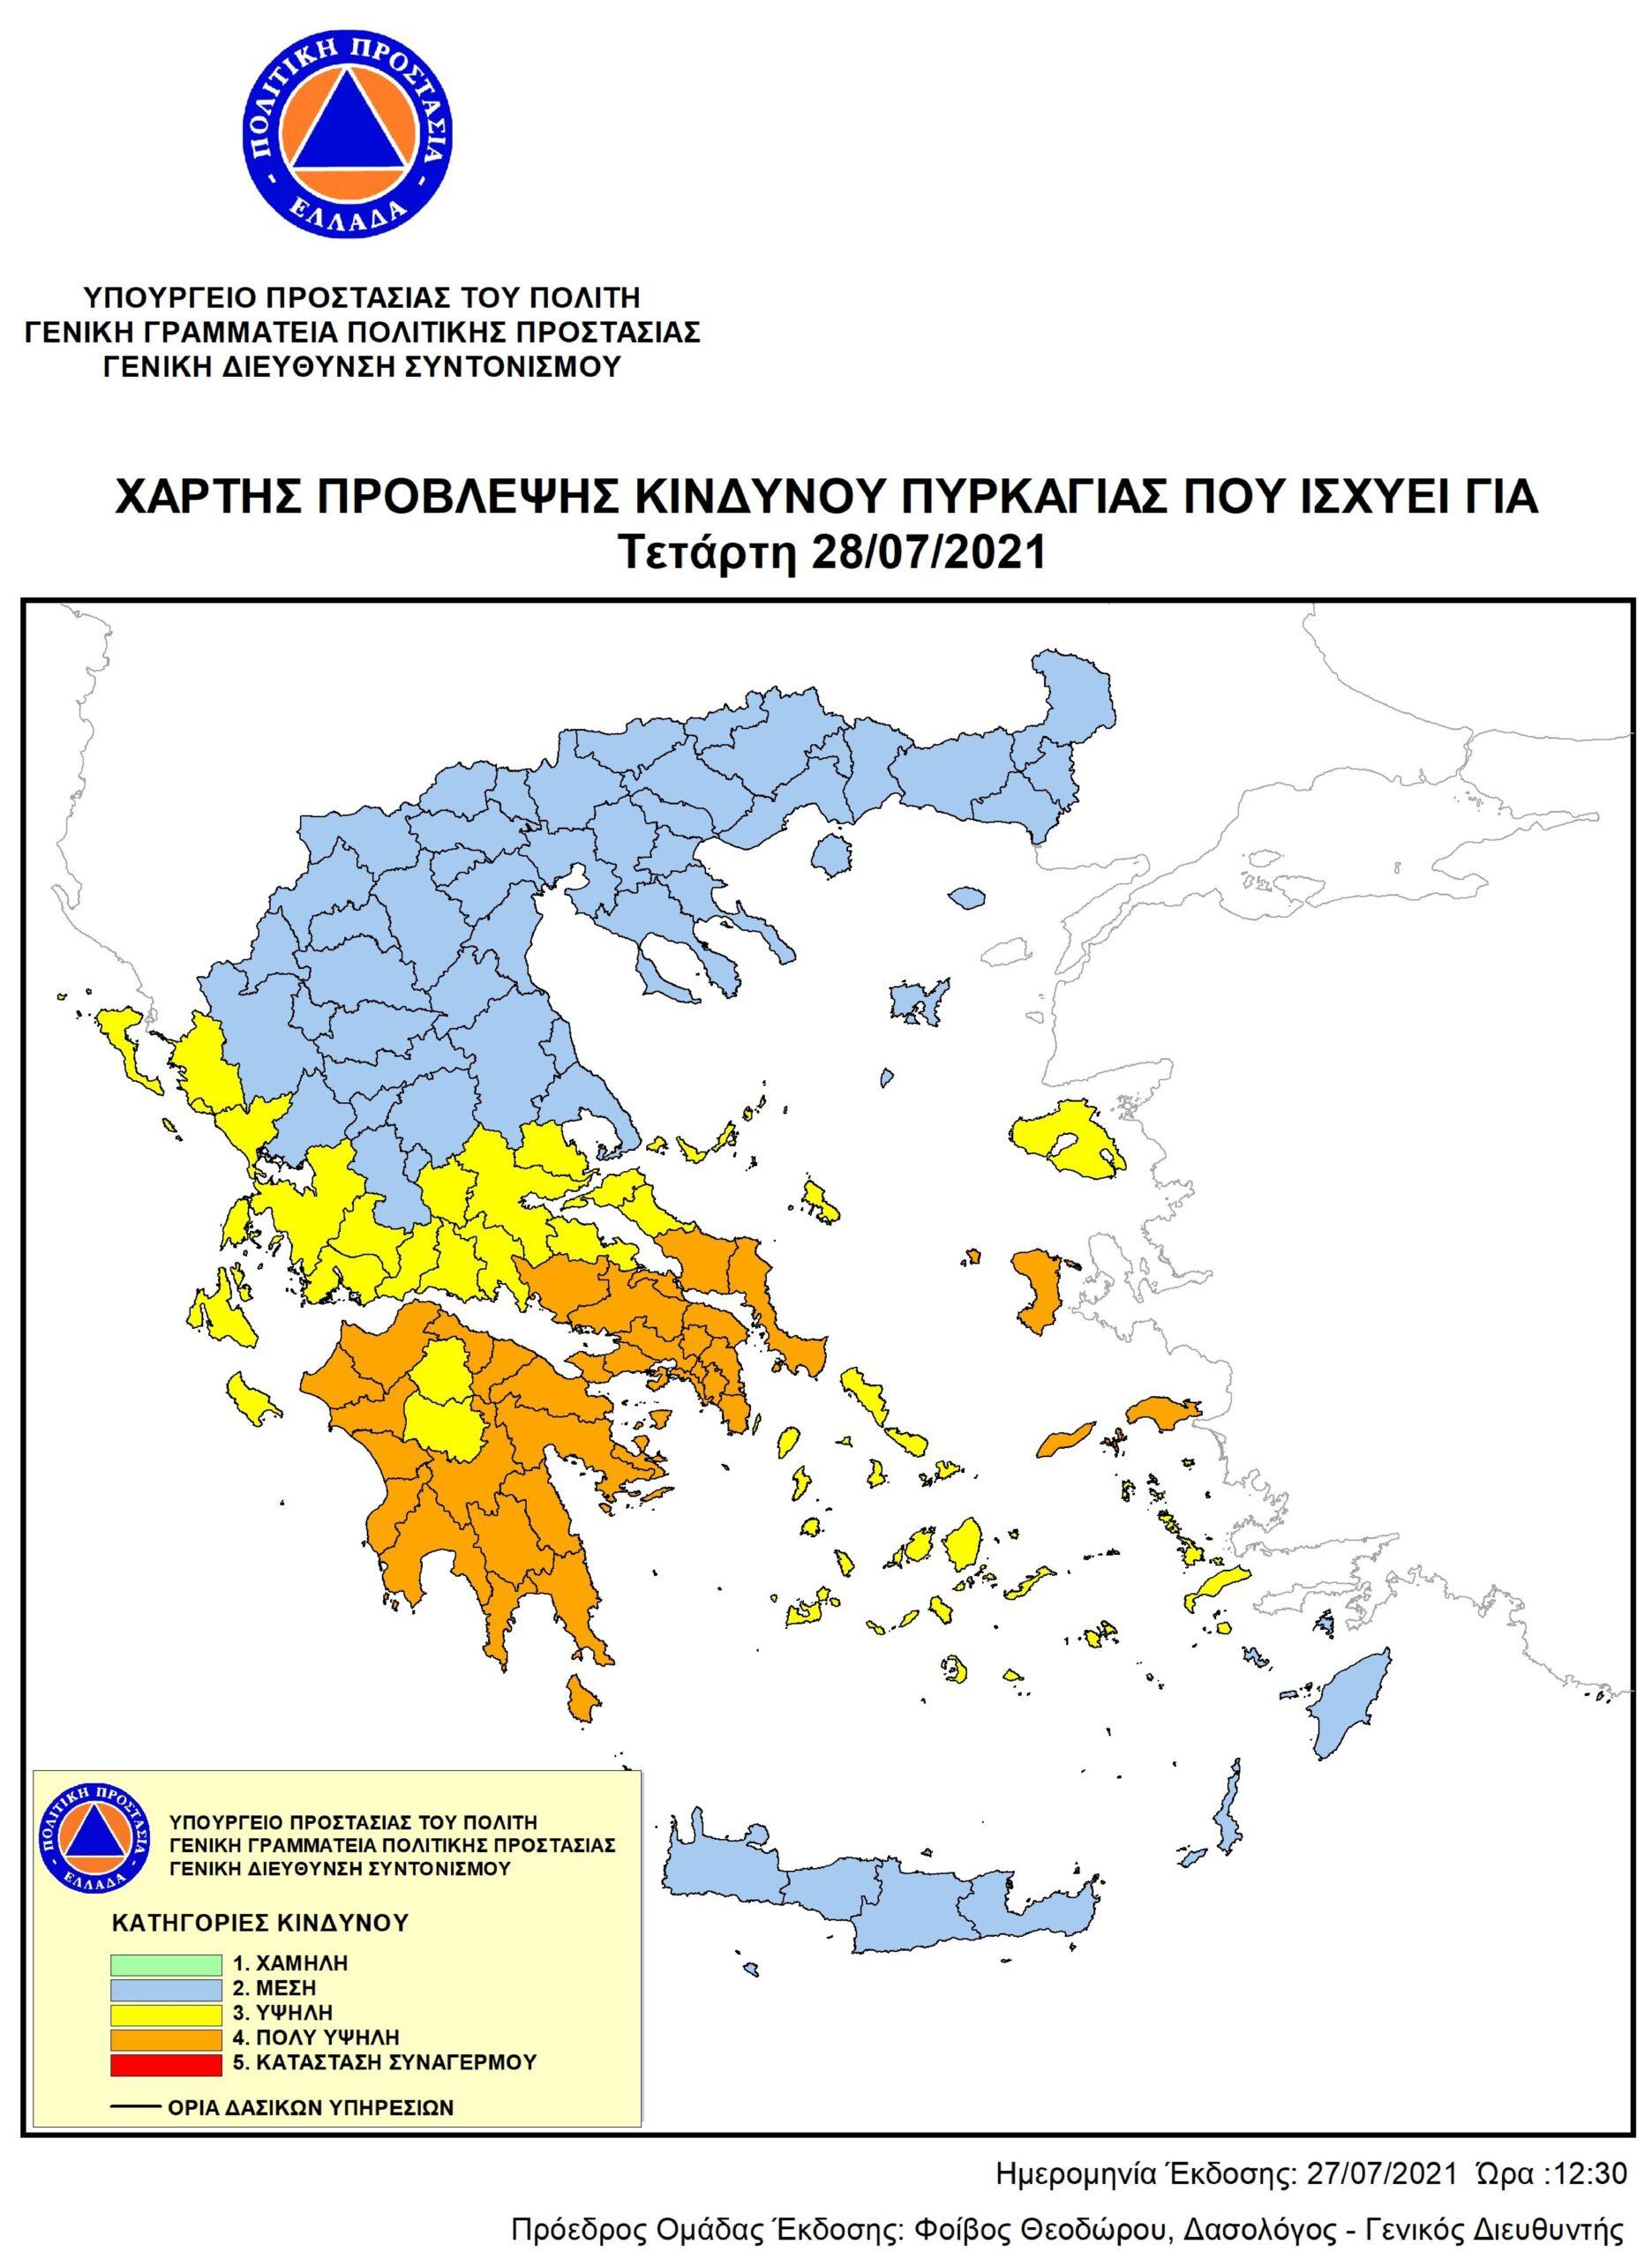 Χάρτης Πρόβλεψης Κινδύνου Πυρκαγιάς ΠΟΛΥ ΥΨΗΛΟΣ ΚΙΝΔΥΝΟΣ ΠΥΡΚΑΓΙΑΣ την Τετάρτη 28-07-2021